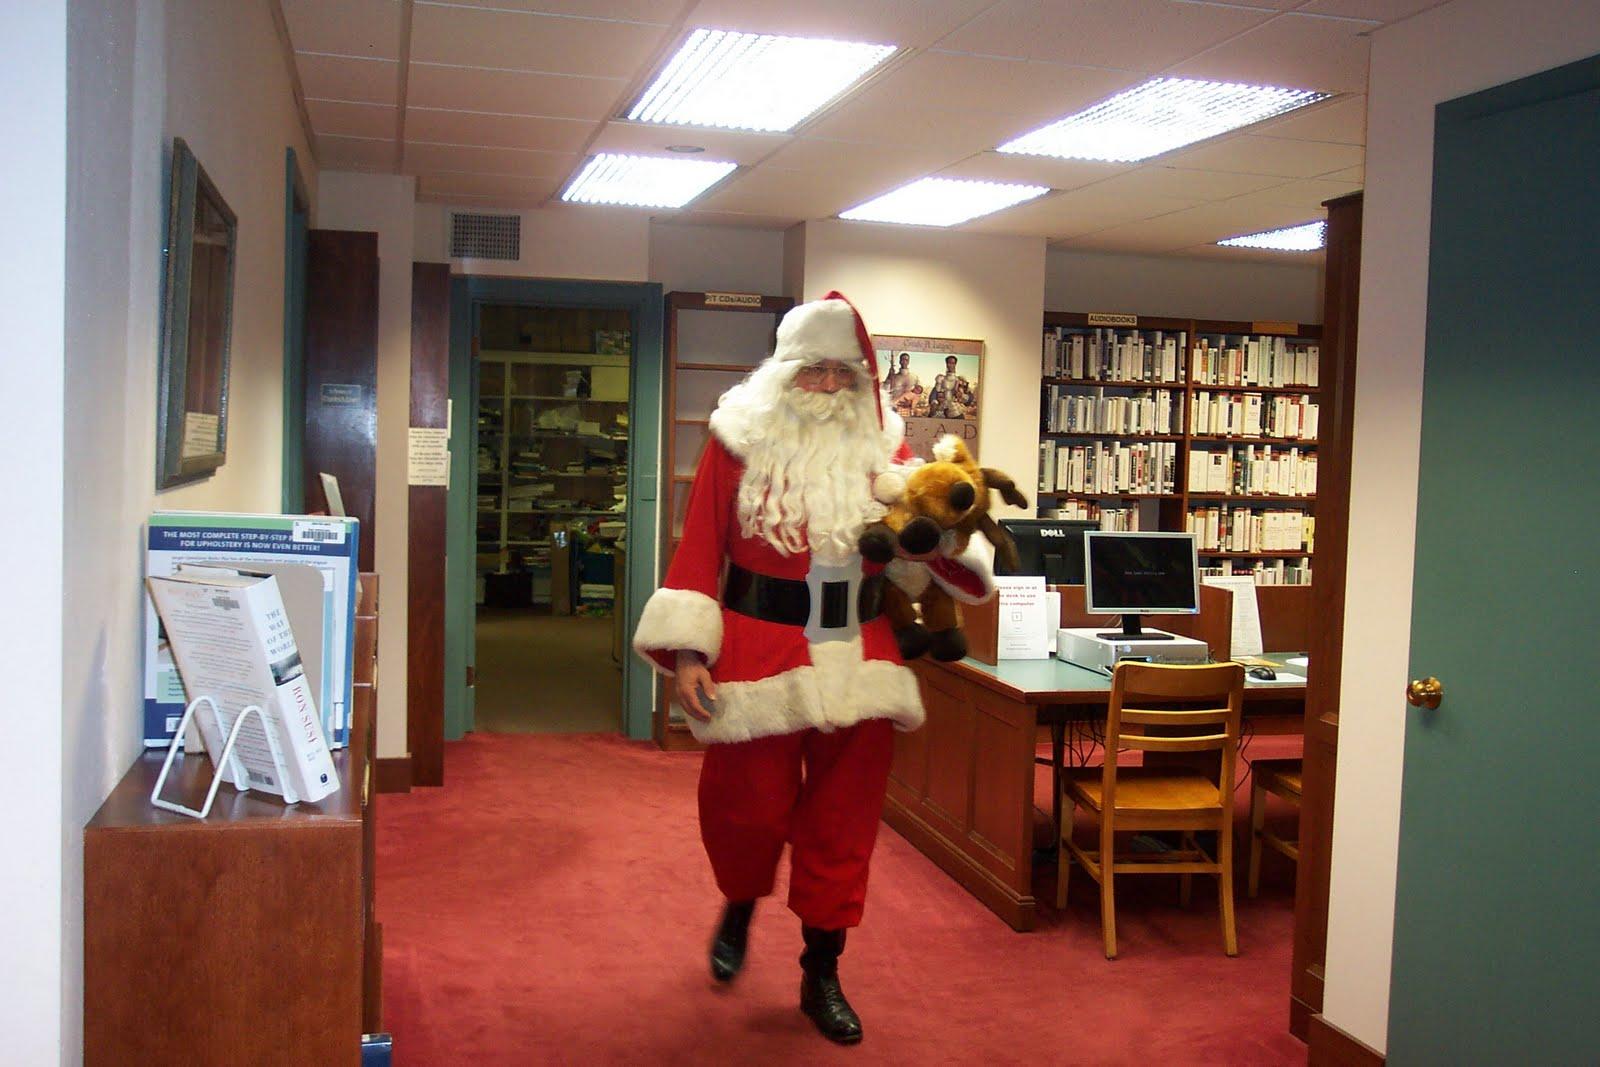 http://1.bp.blogspot.com/_K8tckGOKrS8/TPz2_u-wKxI/AAAAAAAABcY/mf-L0ga41XU/s1600/Santa.jpg